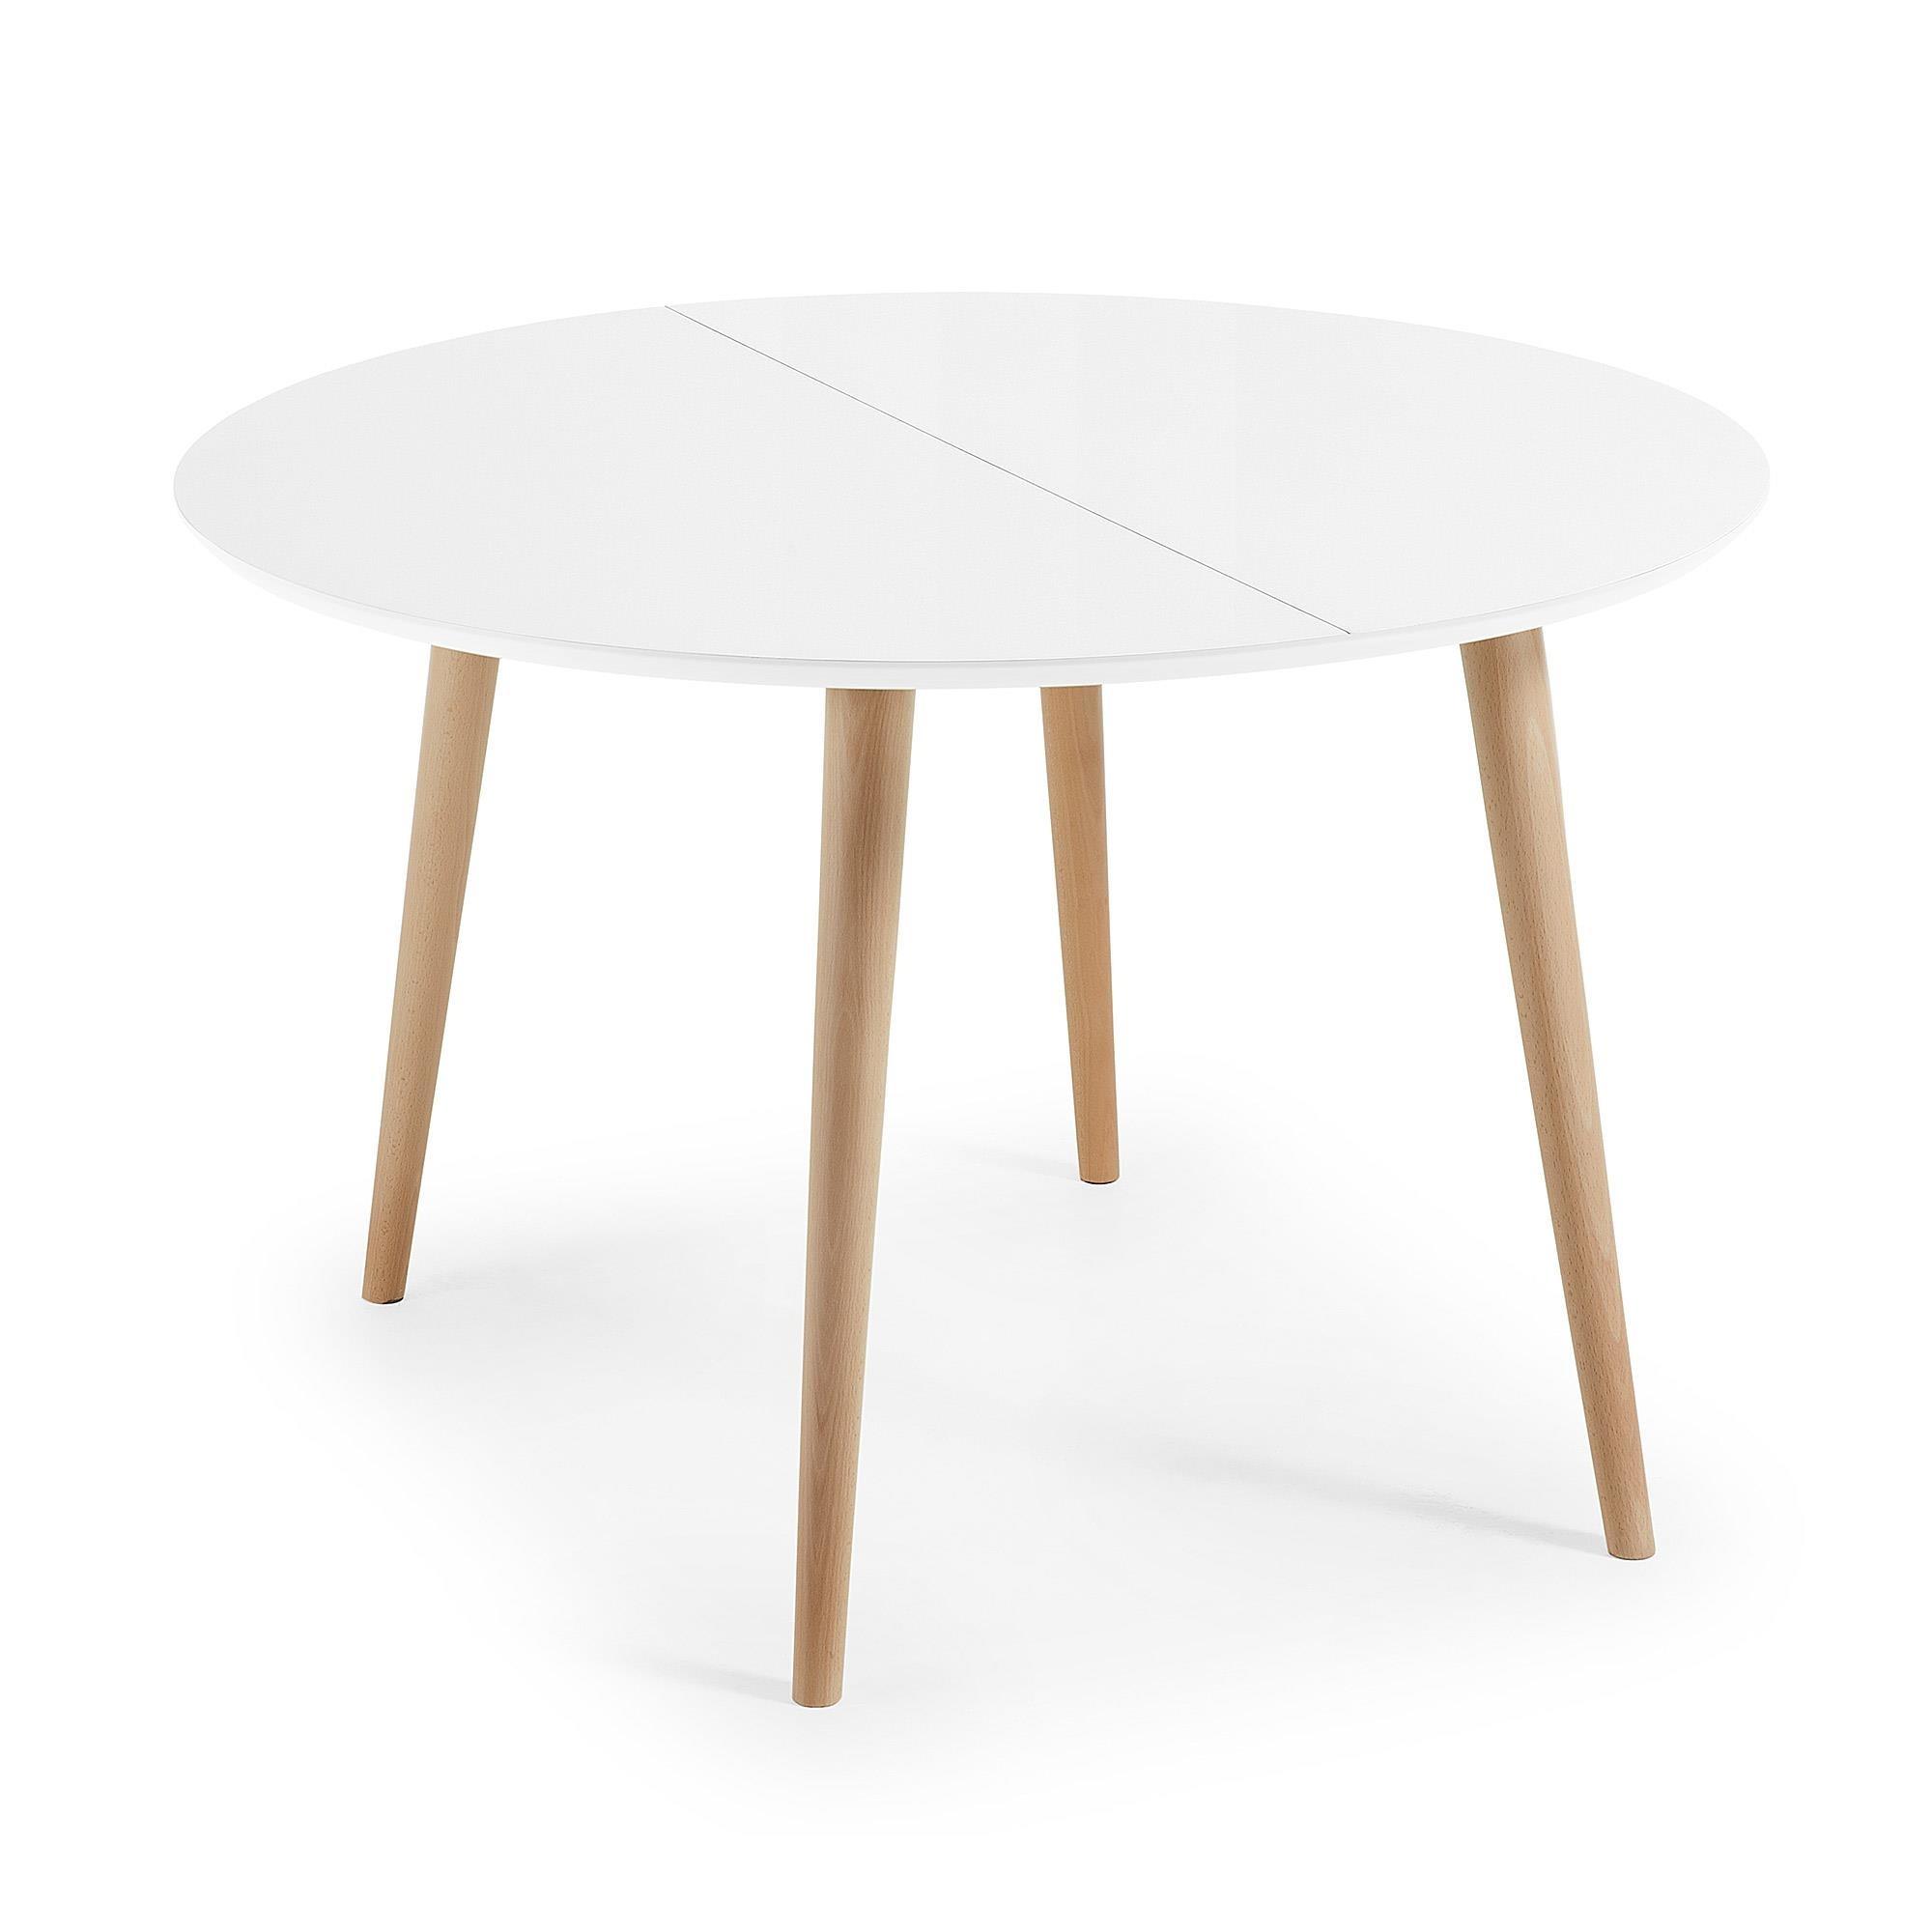 Stół rozkładany Carina Round 120(200)x120cm biały